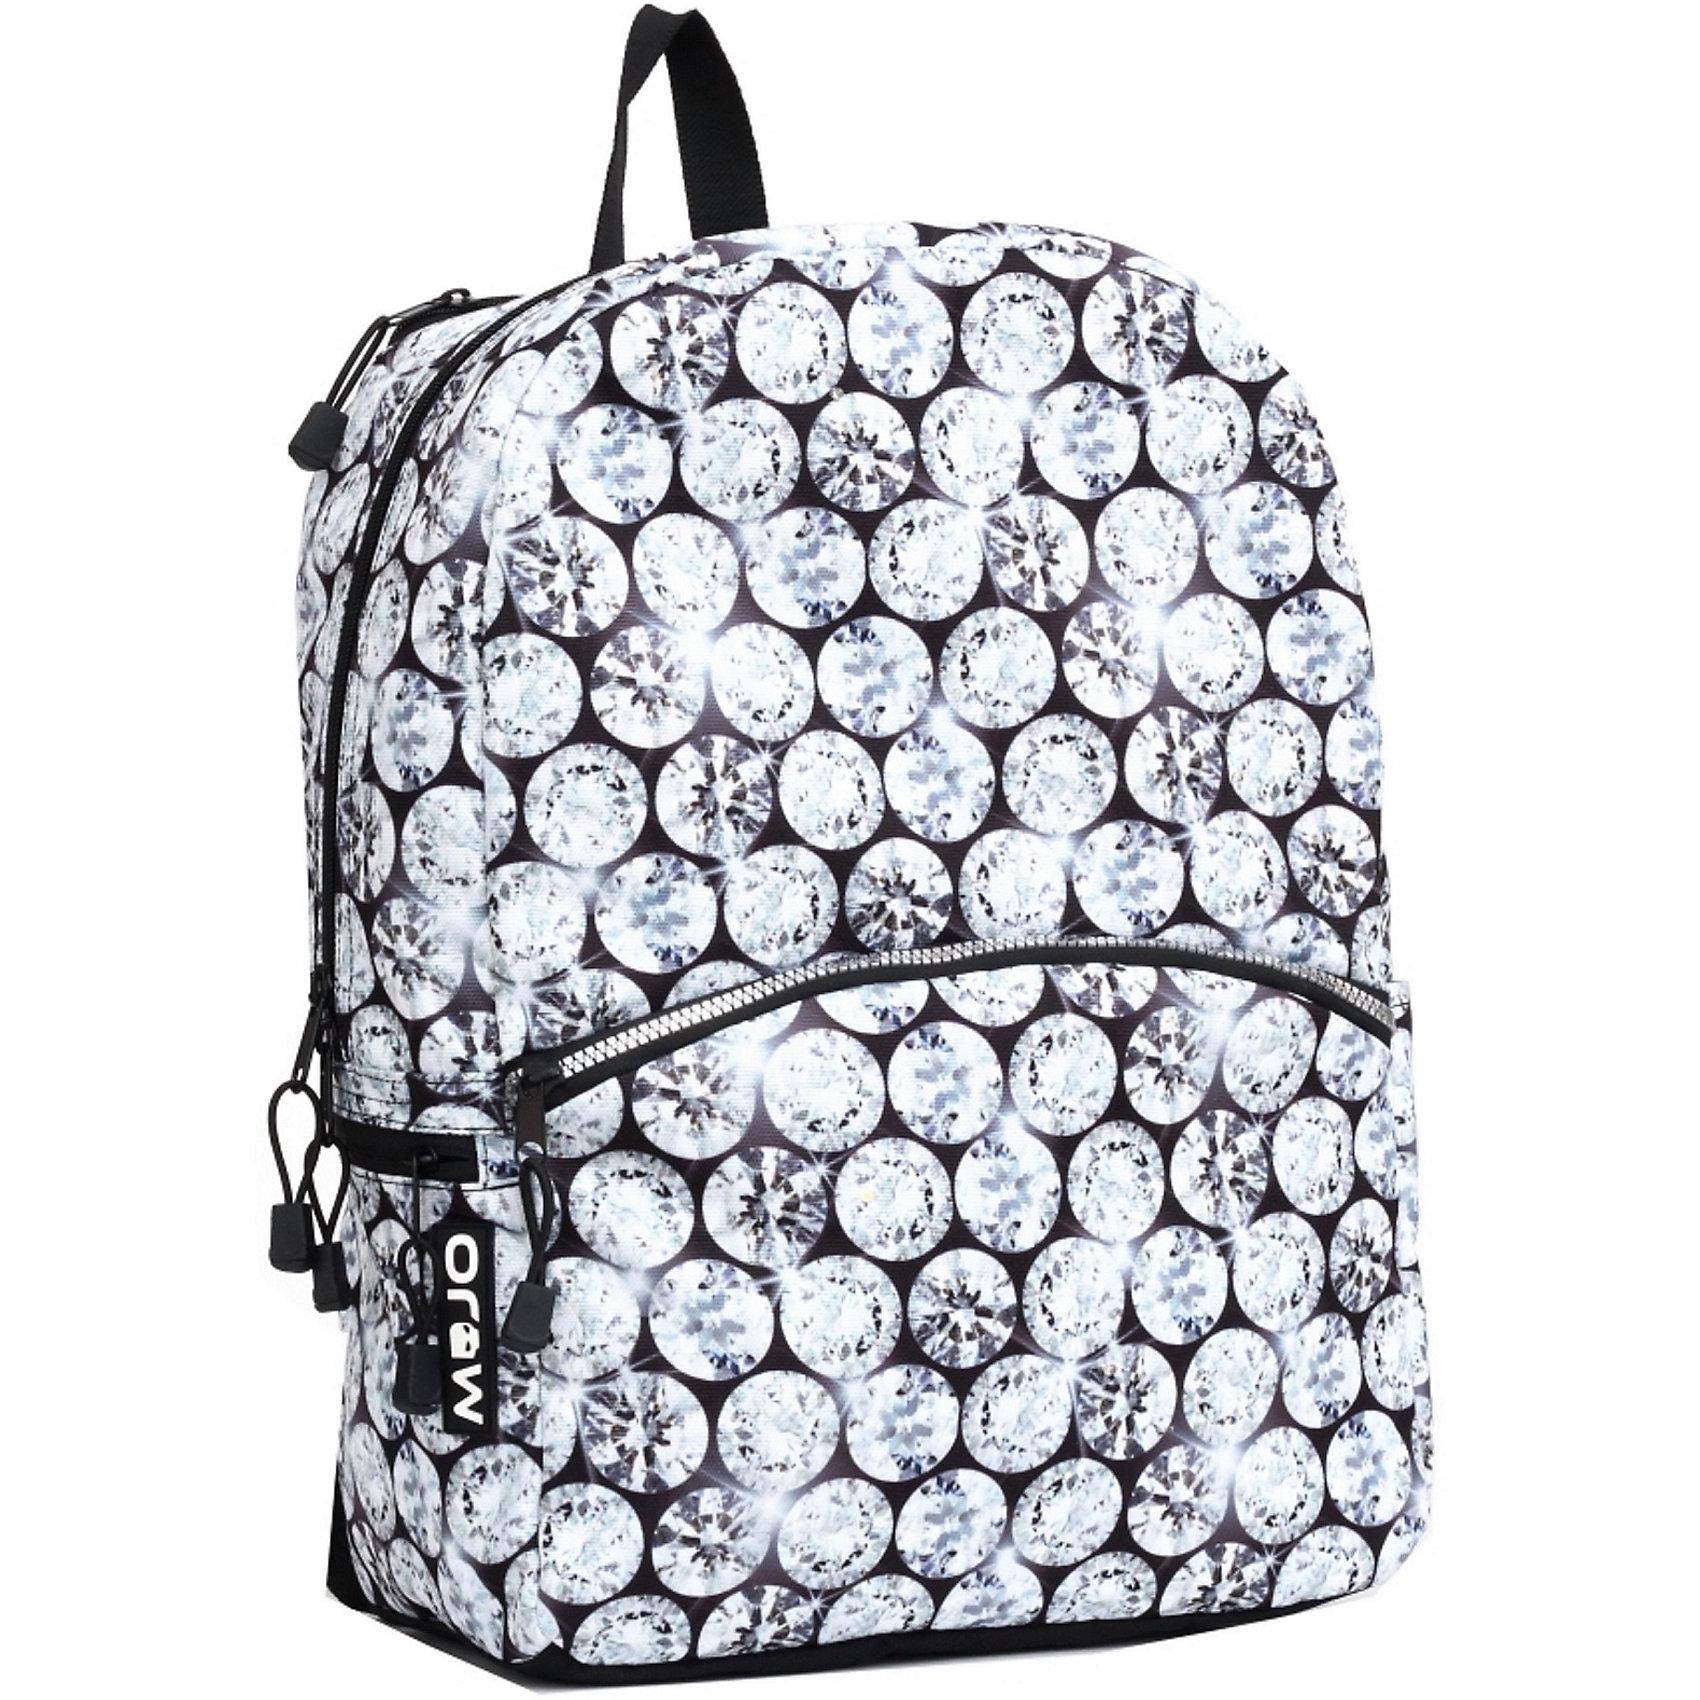 Рюкзак Diamonds LED со встроенными светодиодами, цвет мультиОтличный вместительный рюкзак очень динамично впишется в ваш городской ритм. MOJO продолжает удивлять! Встроенные в оригинальный принт рюкзака светодиодные лампочки будут светиться и мигать при движении. Как только вы остановитесь, рюкзак успокоится вместе с вами. А мигание лампочек подчеркнет всю красоту и блекск алмазов этого рюкзака.<br><br>Ширина мм: 43<br>Глубина мм: 30<br>Высота мм: 16<br>Вес г: 700<br>Возраст от месяцев: 120<br>Возраст до месяцев: 420<br>Пол: Унисекс<br>Возраст: Детский<br>SKU: 5344336